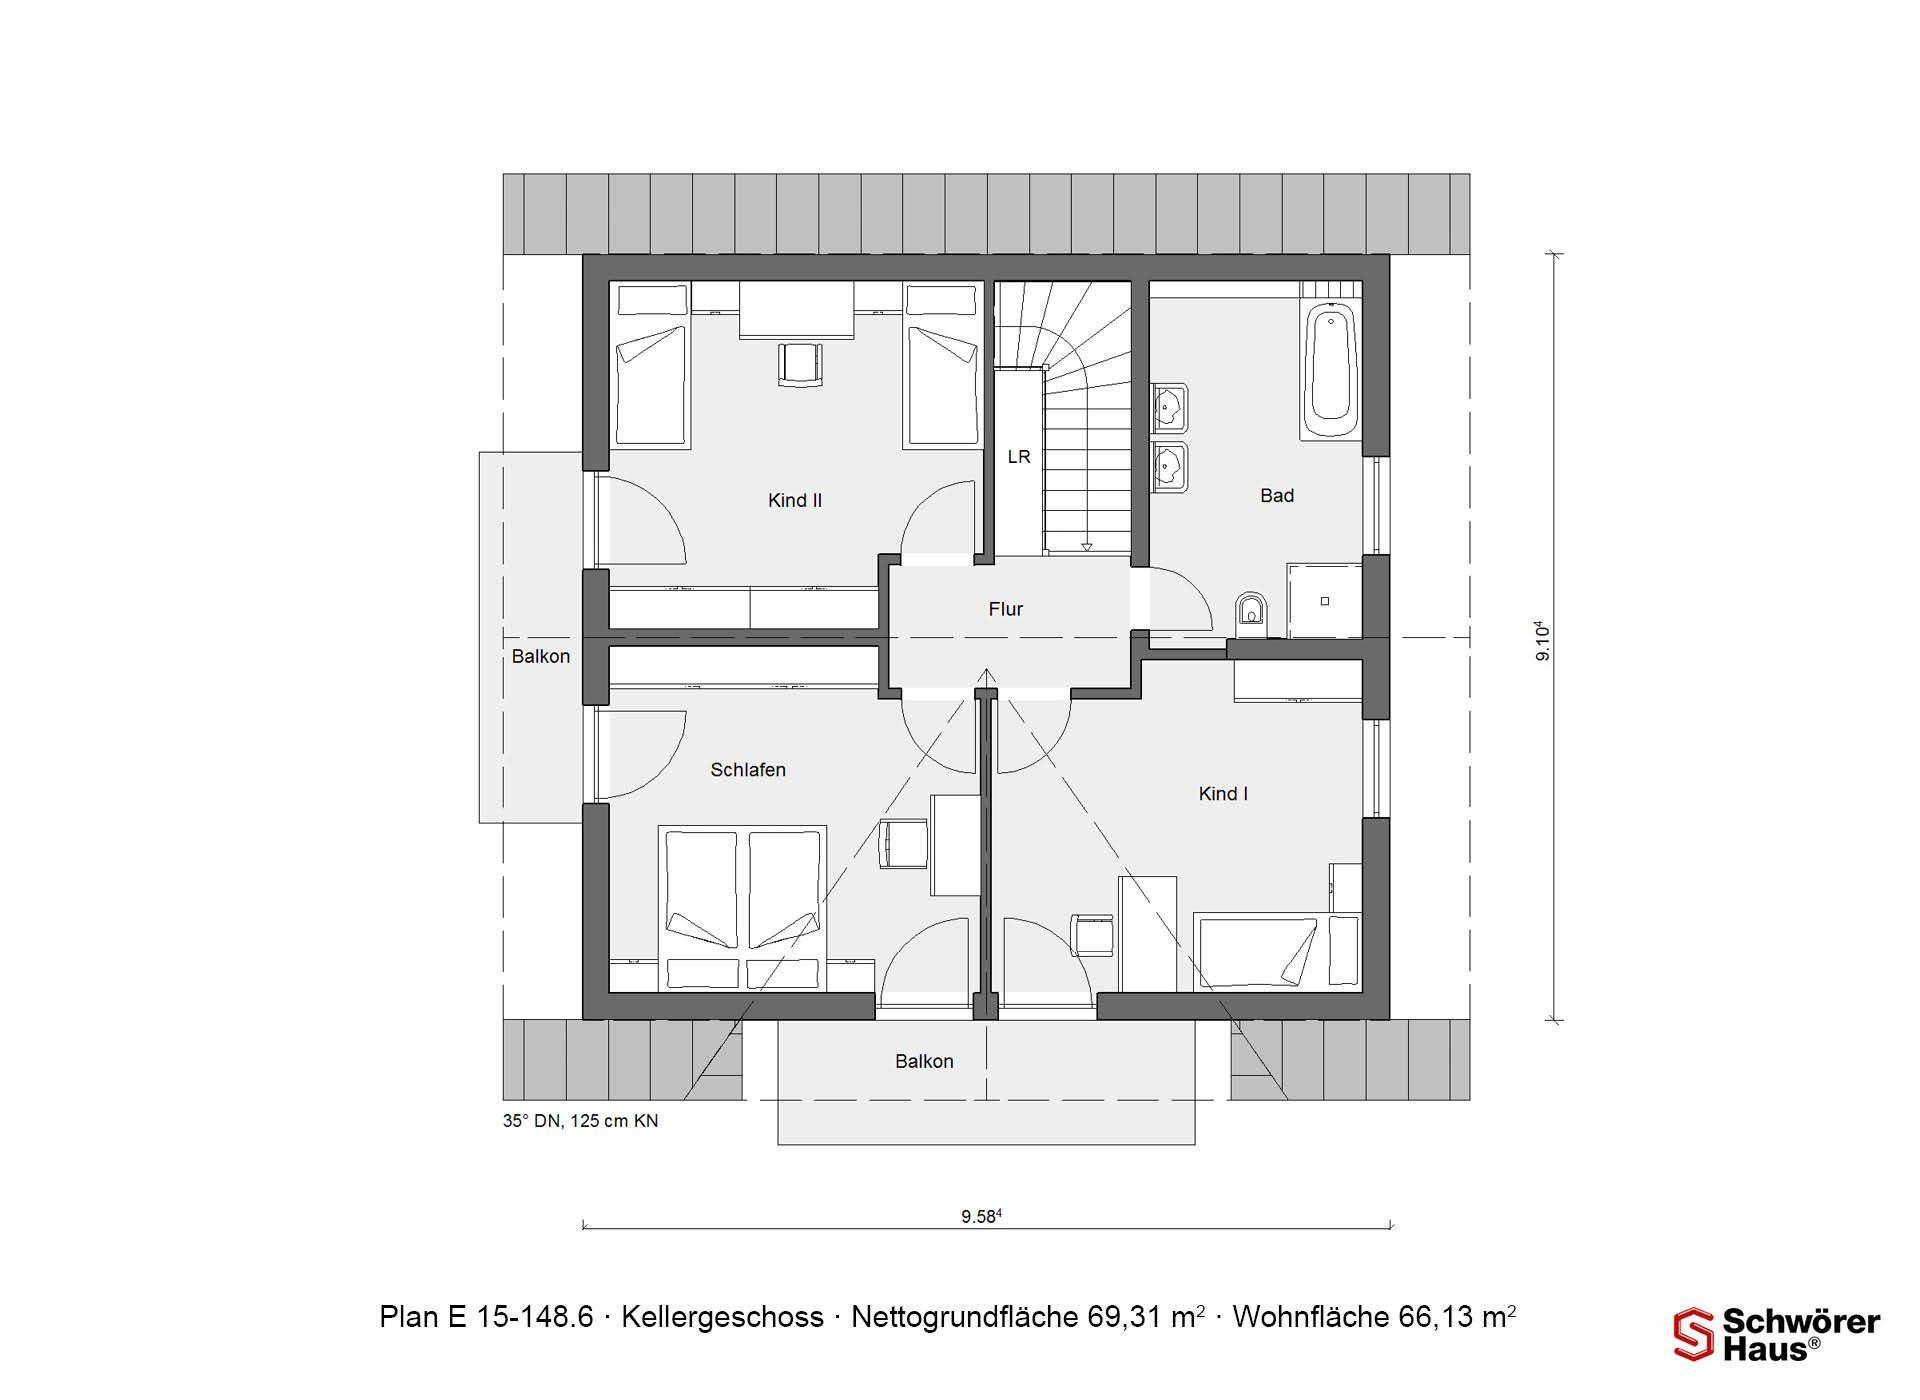 Musterhaus Offenburg - Eine Nahaufnahme einer Uhr - Gebäudeplan